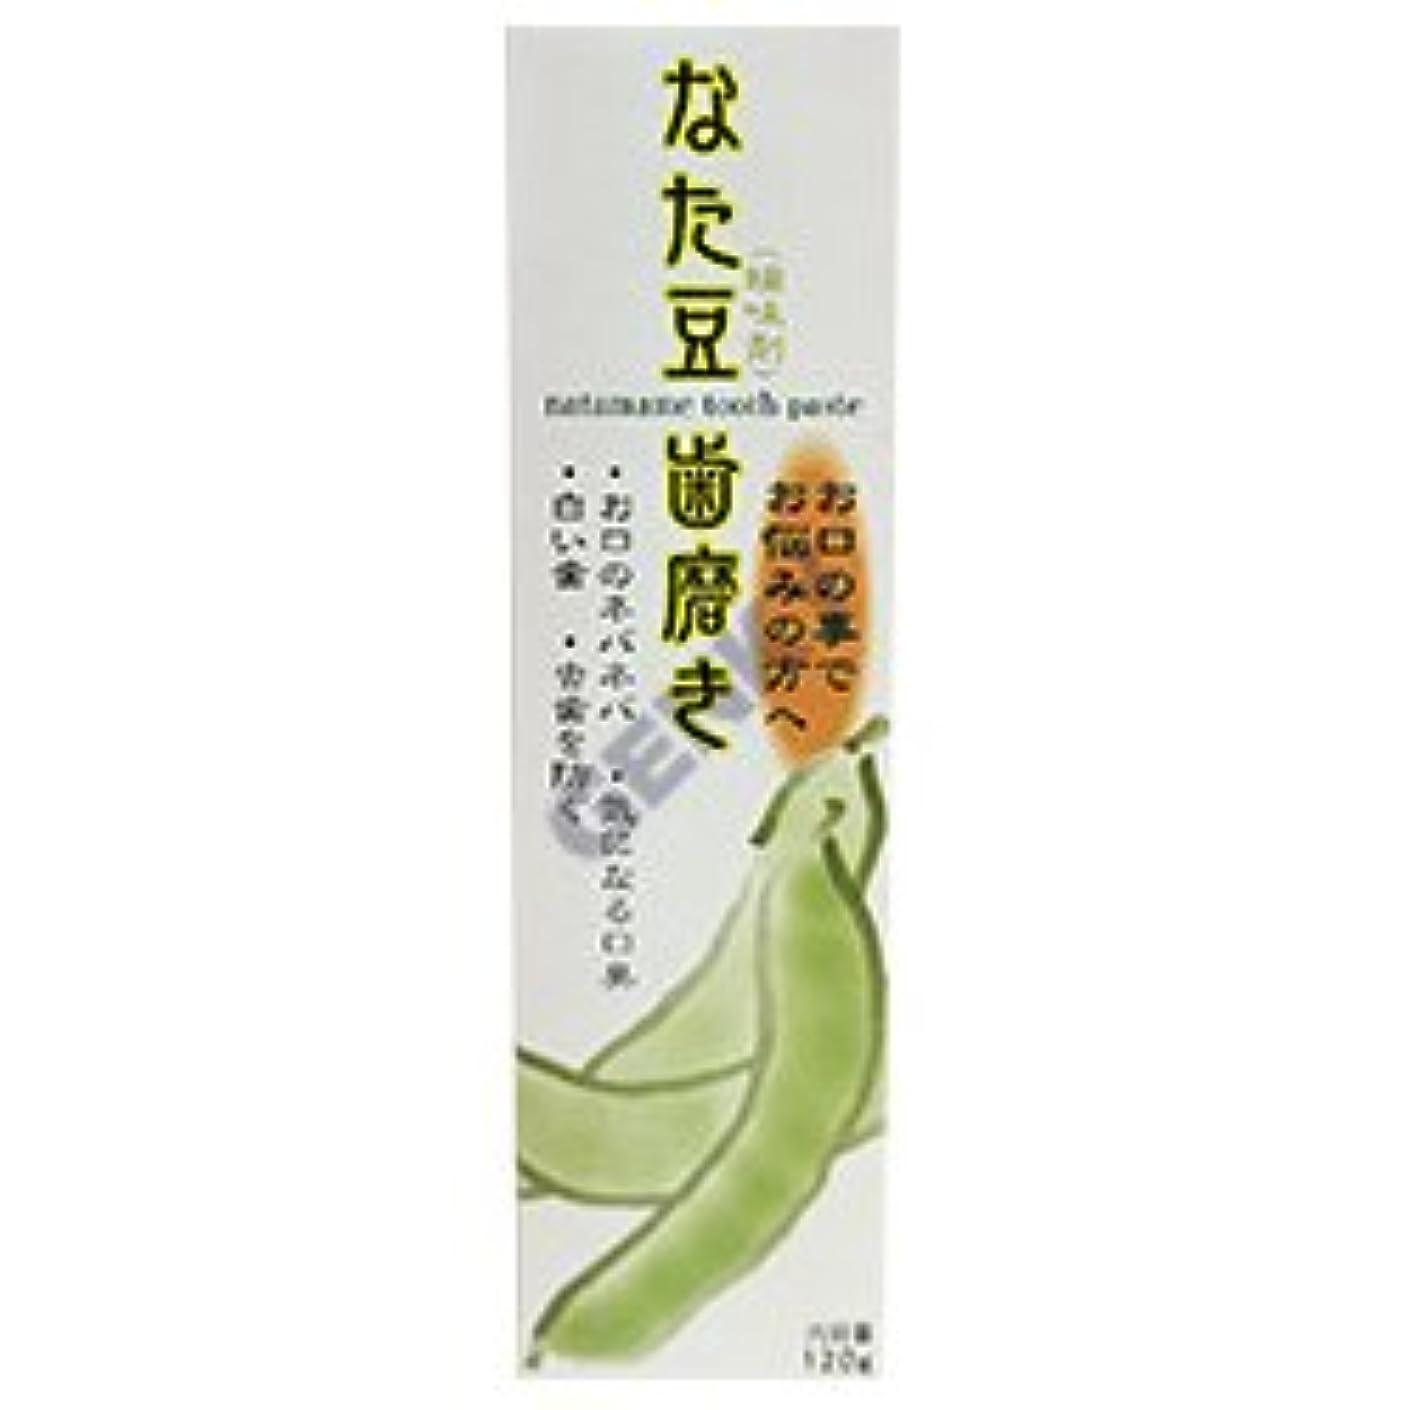 舌なドラッグアイドル【モルゲンロート】なた豆歯磨き 120g ×5個セット